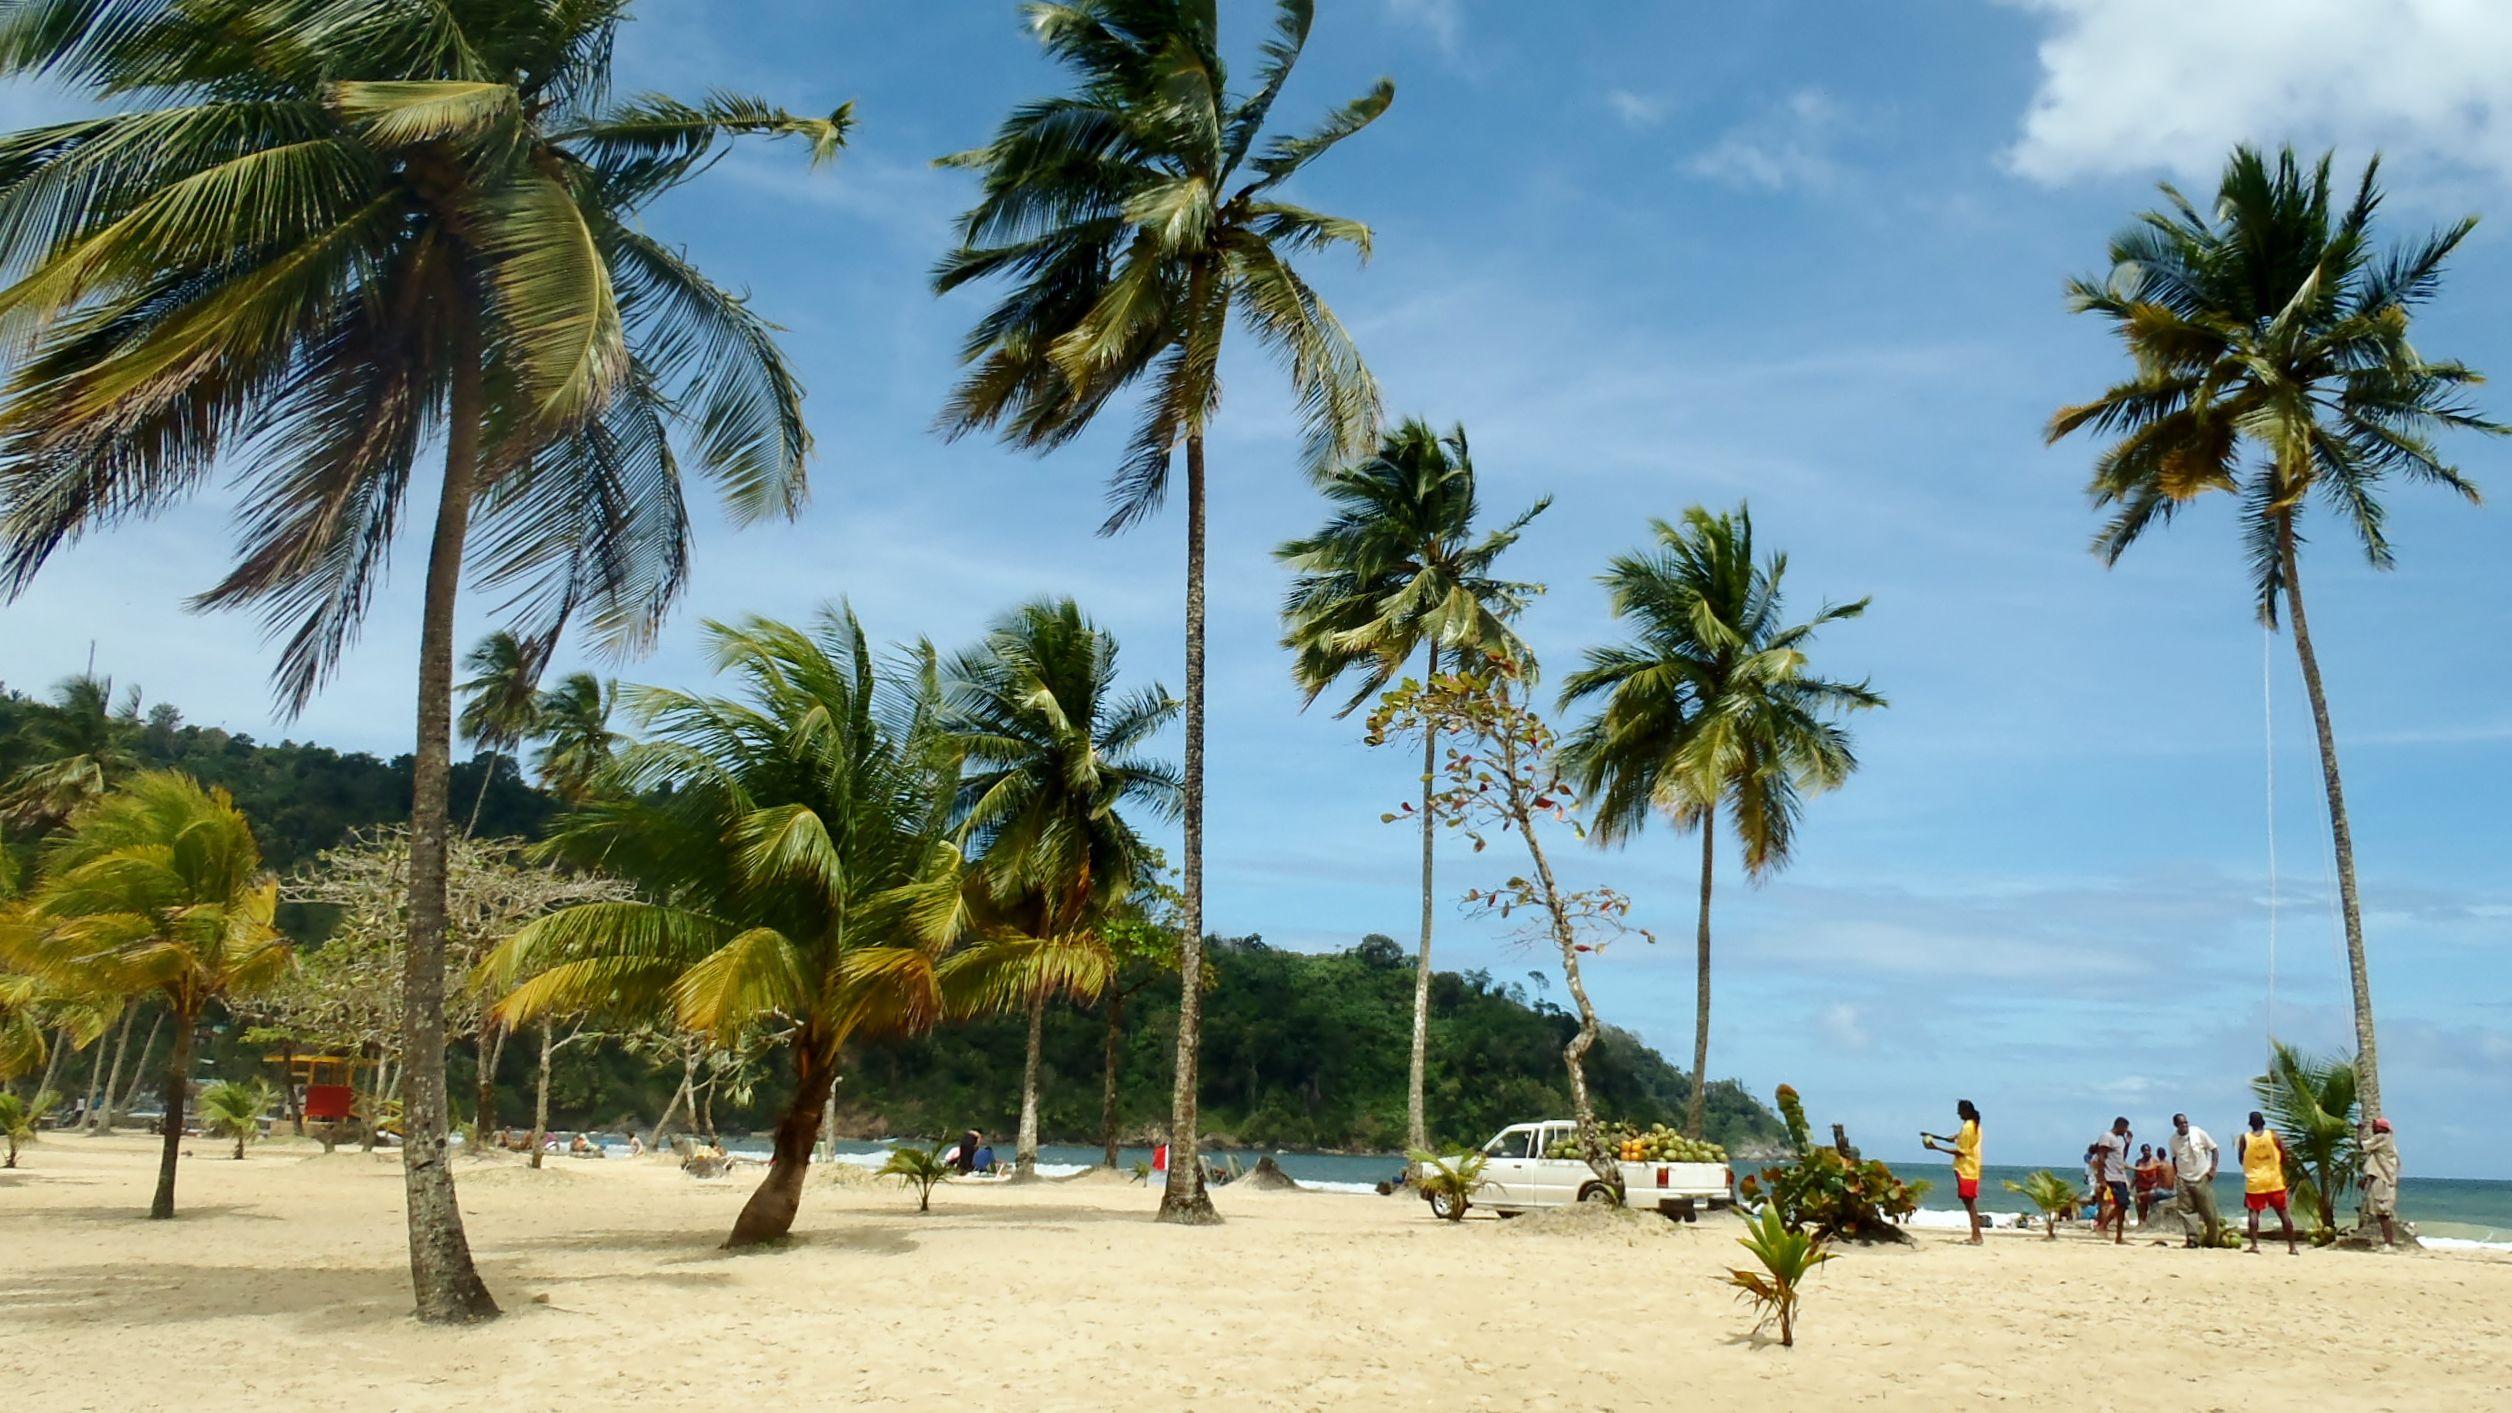 Beach of Trinidad and Tobago